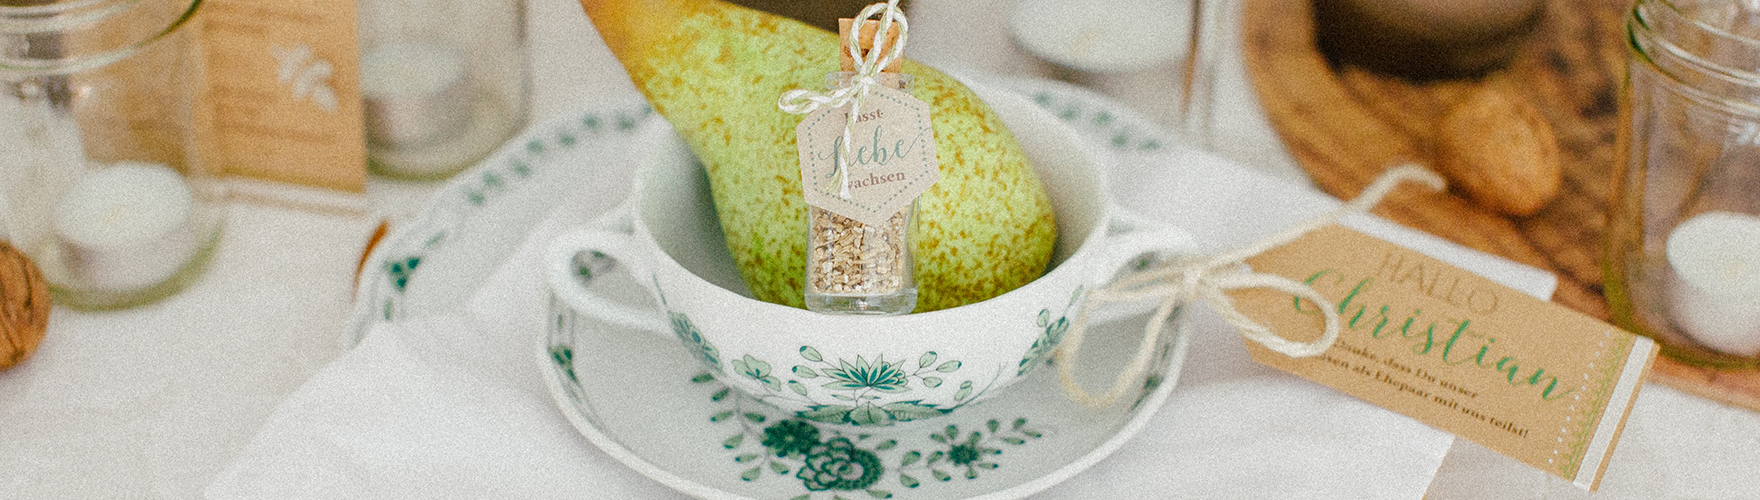 green wedding hochzeitspapeterie hannover